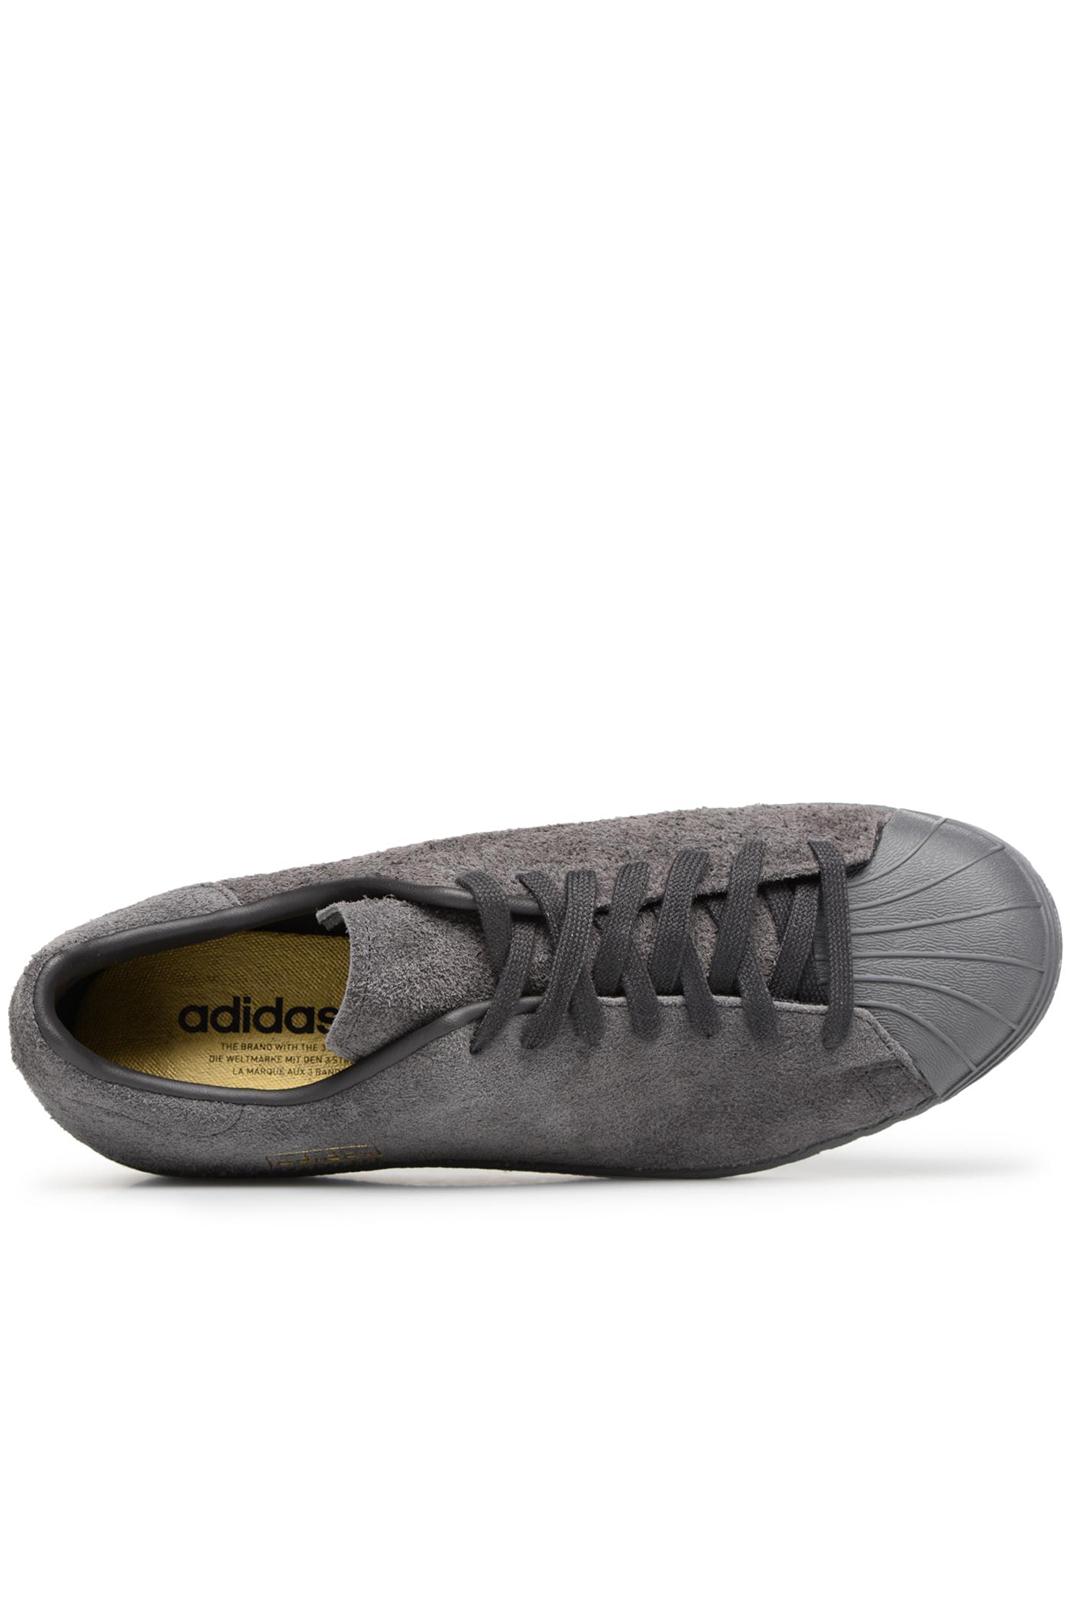 Chaussures   Adidas BZ0566 SUPERSTAR 80S CLEAN GRIS